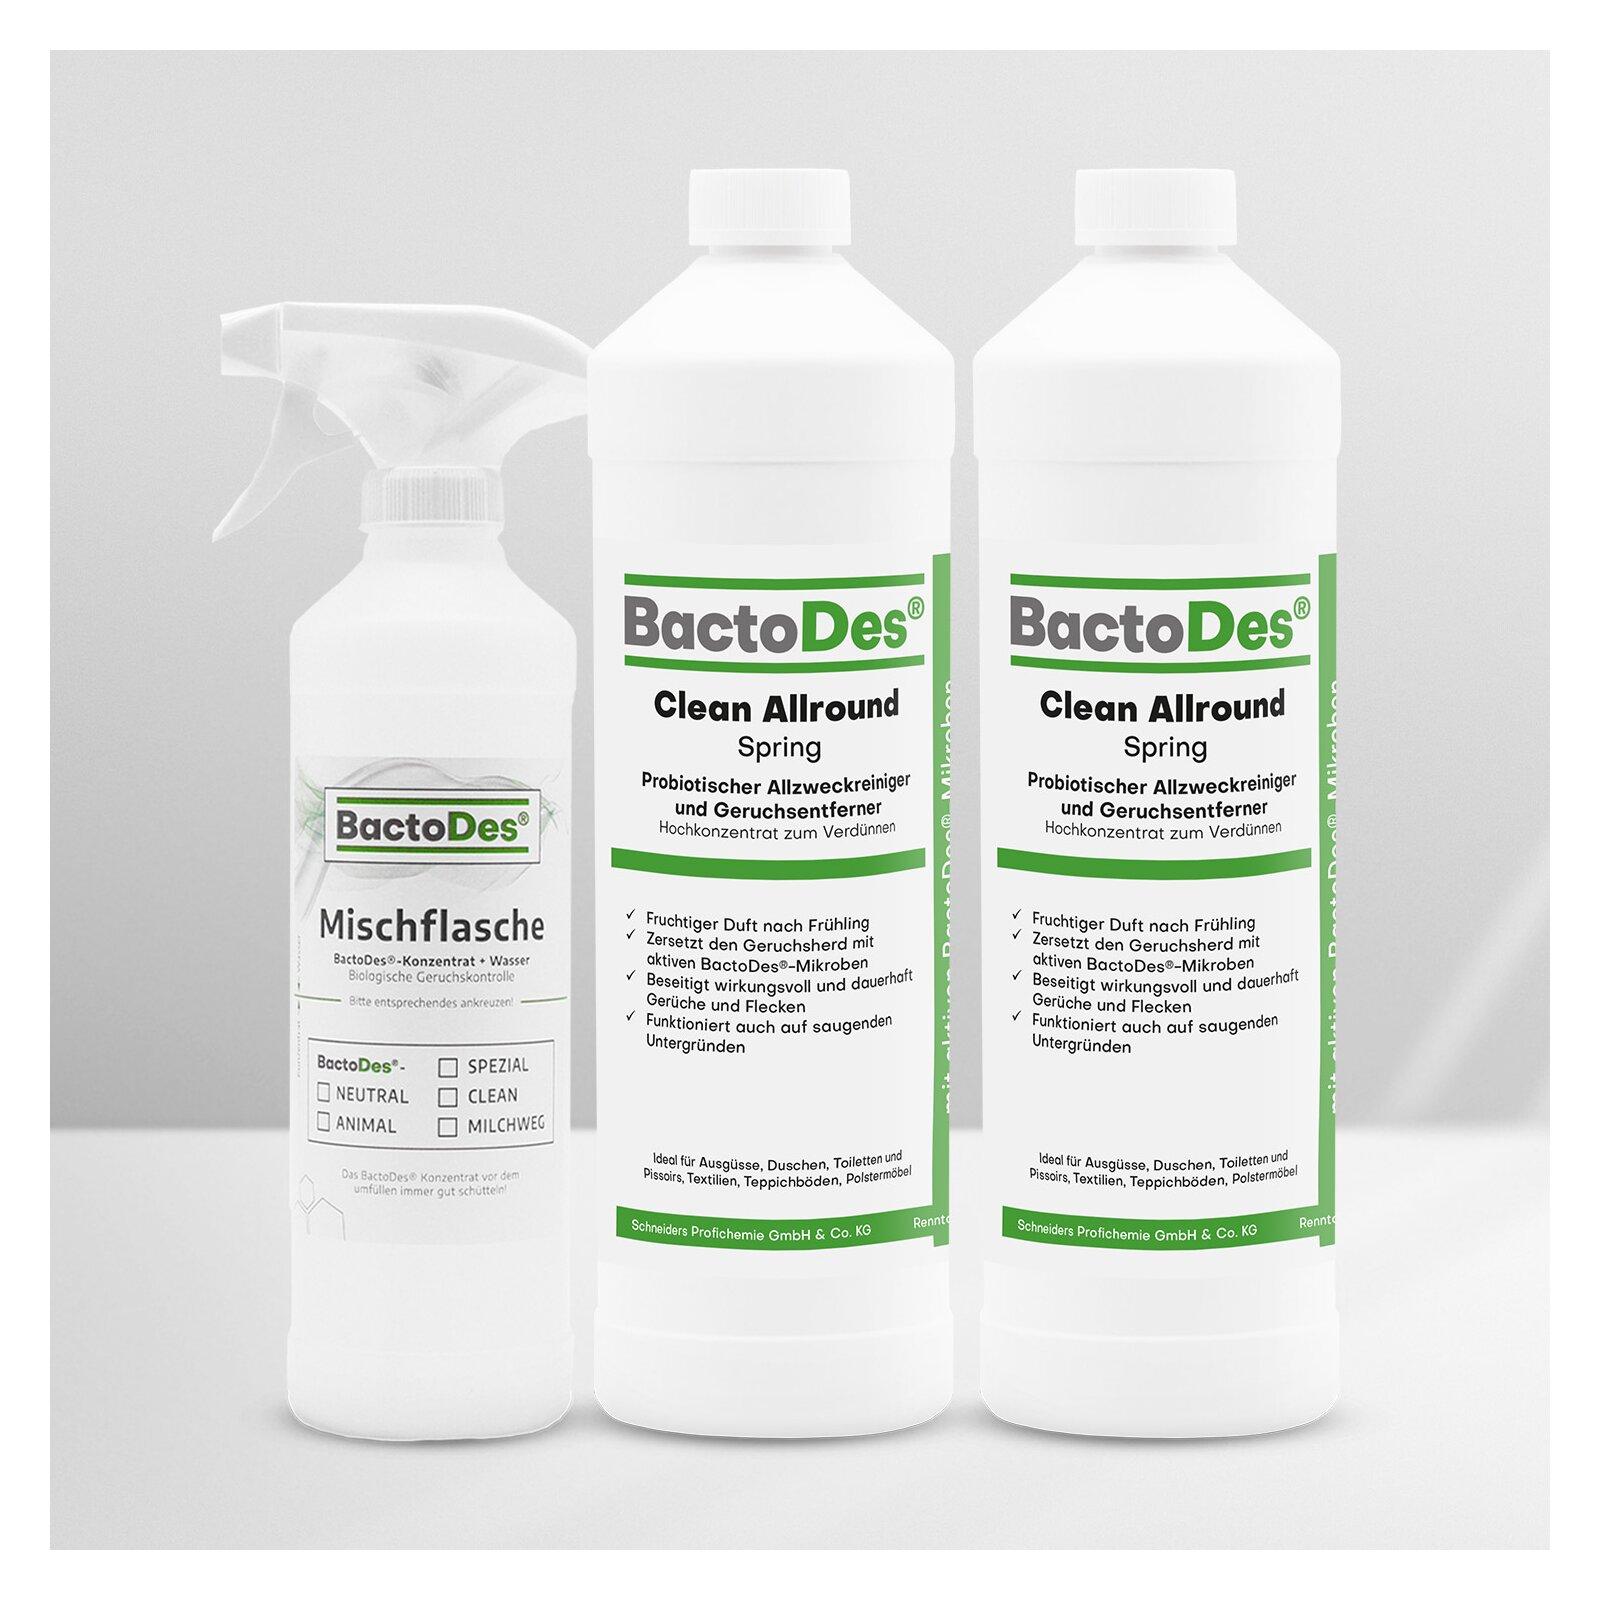 BactoDes(R)Clean Spring  Frühlingsbrise  Frisch  Blumig  Grün 2x1 Liter Set incl1 Misch und Sprühflasche